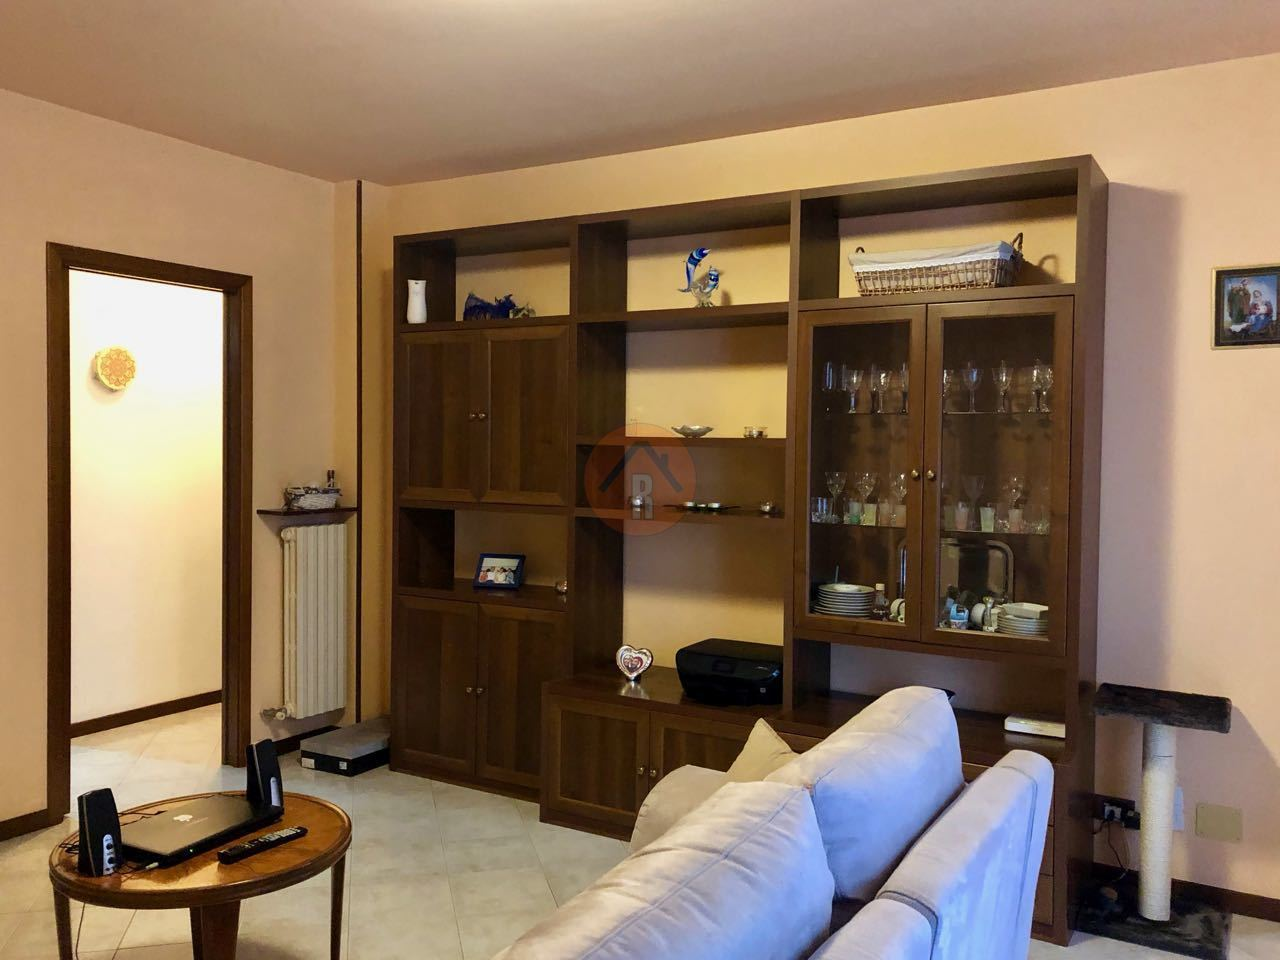 Appartamento in vendita a Cava Manara, 4 locali, prezzo € 138.000 | PortaleAgenzieImmobiliari.it